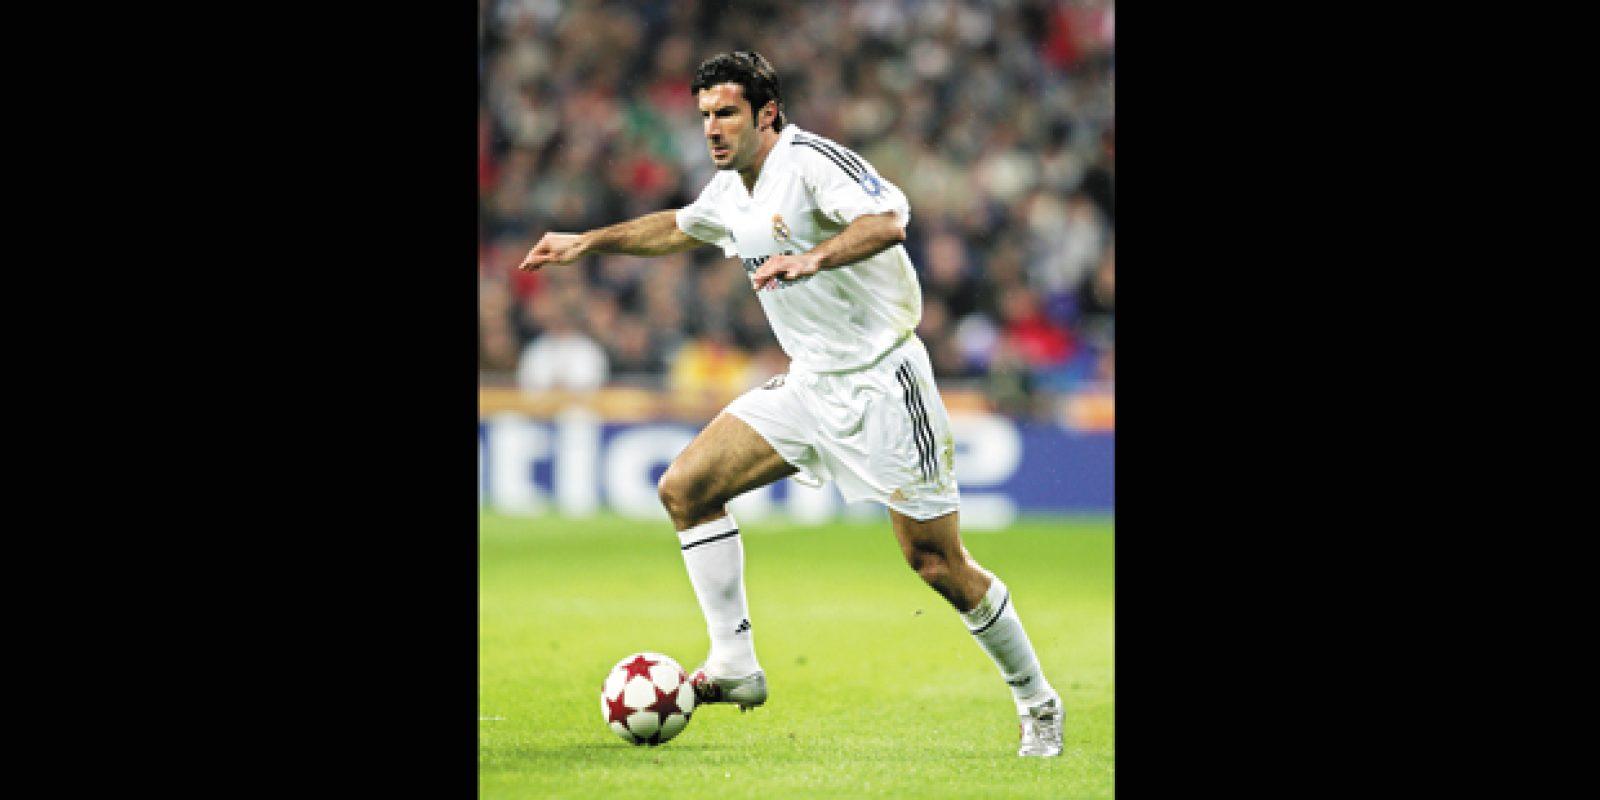 Figo: 'traidor' na Catalunha. O meia-atacante português Luis Figo foi um dos grandes jogadores do Barcelona entre 1995 e 2000, quando foi para Real Madrid sem escalas. O ato causou a fúria dos catalães. Em um duelo entre as duas equipes no Camp | Ross Kinnaird/Getty Images